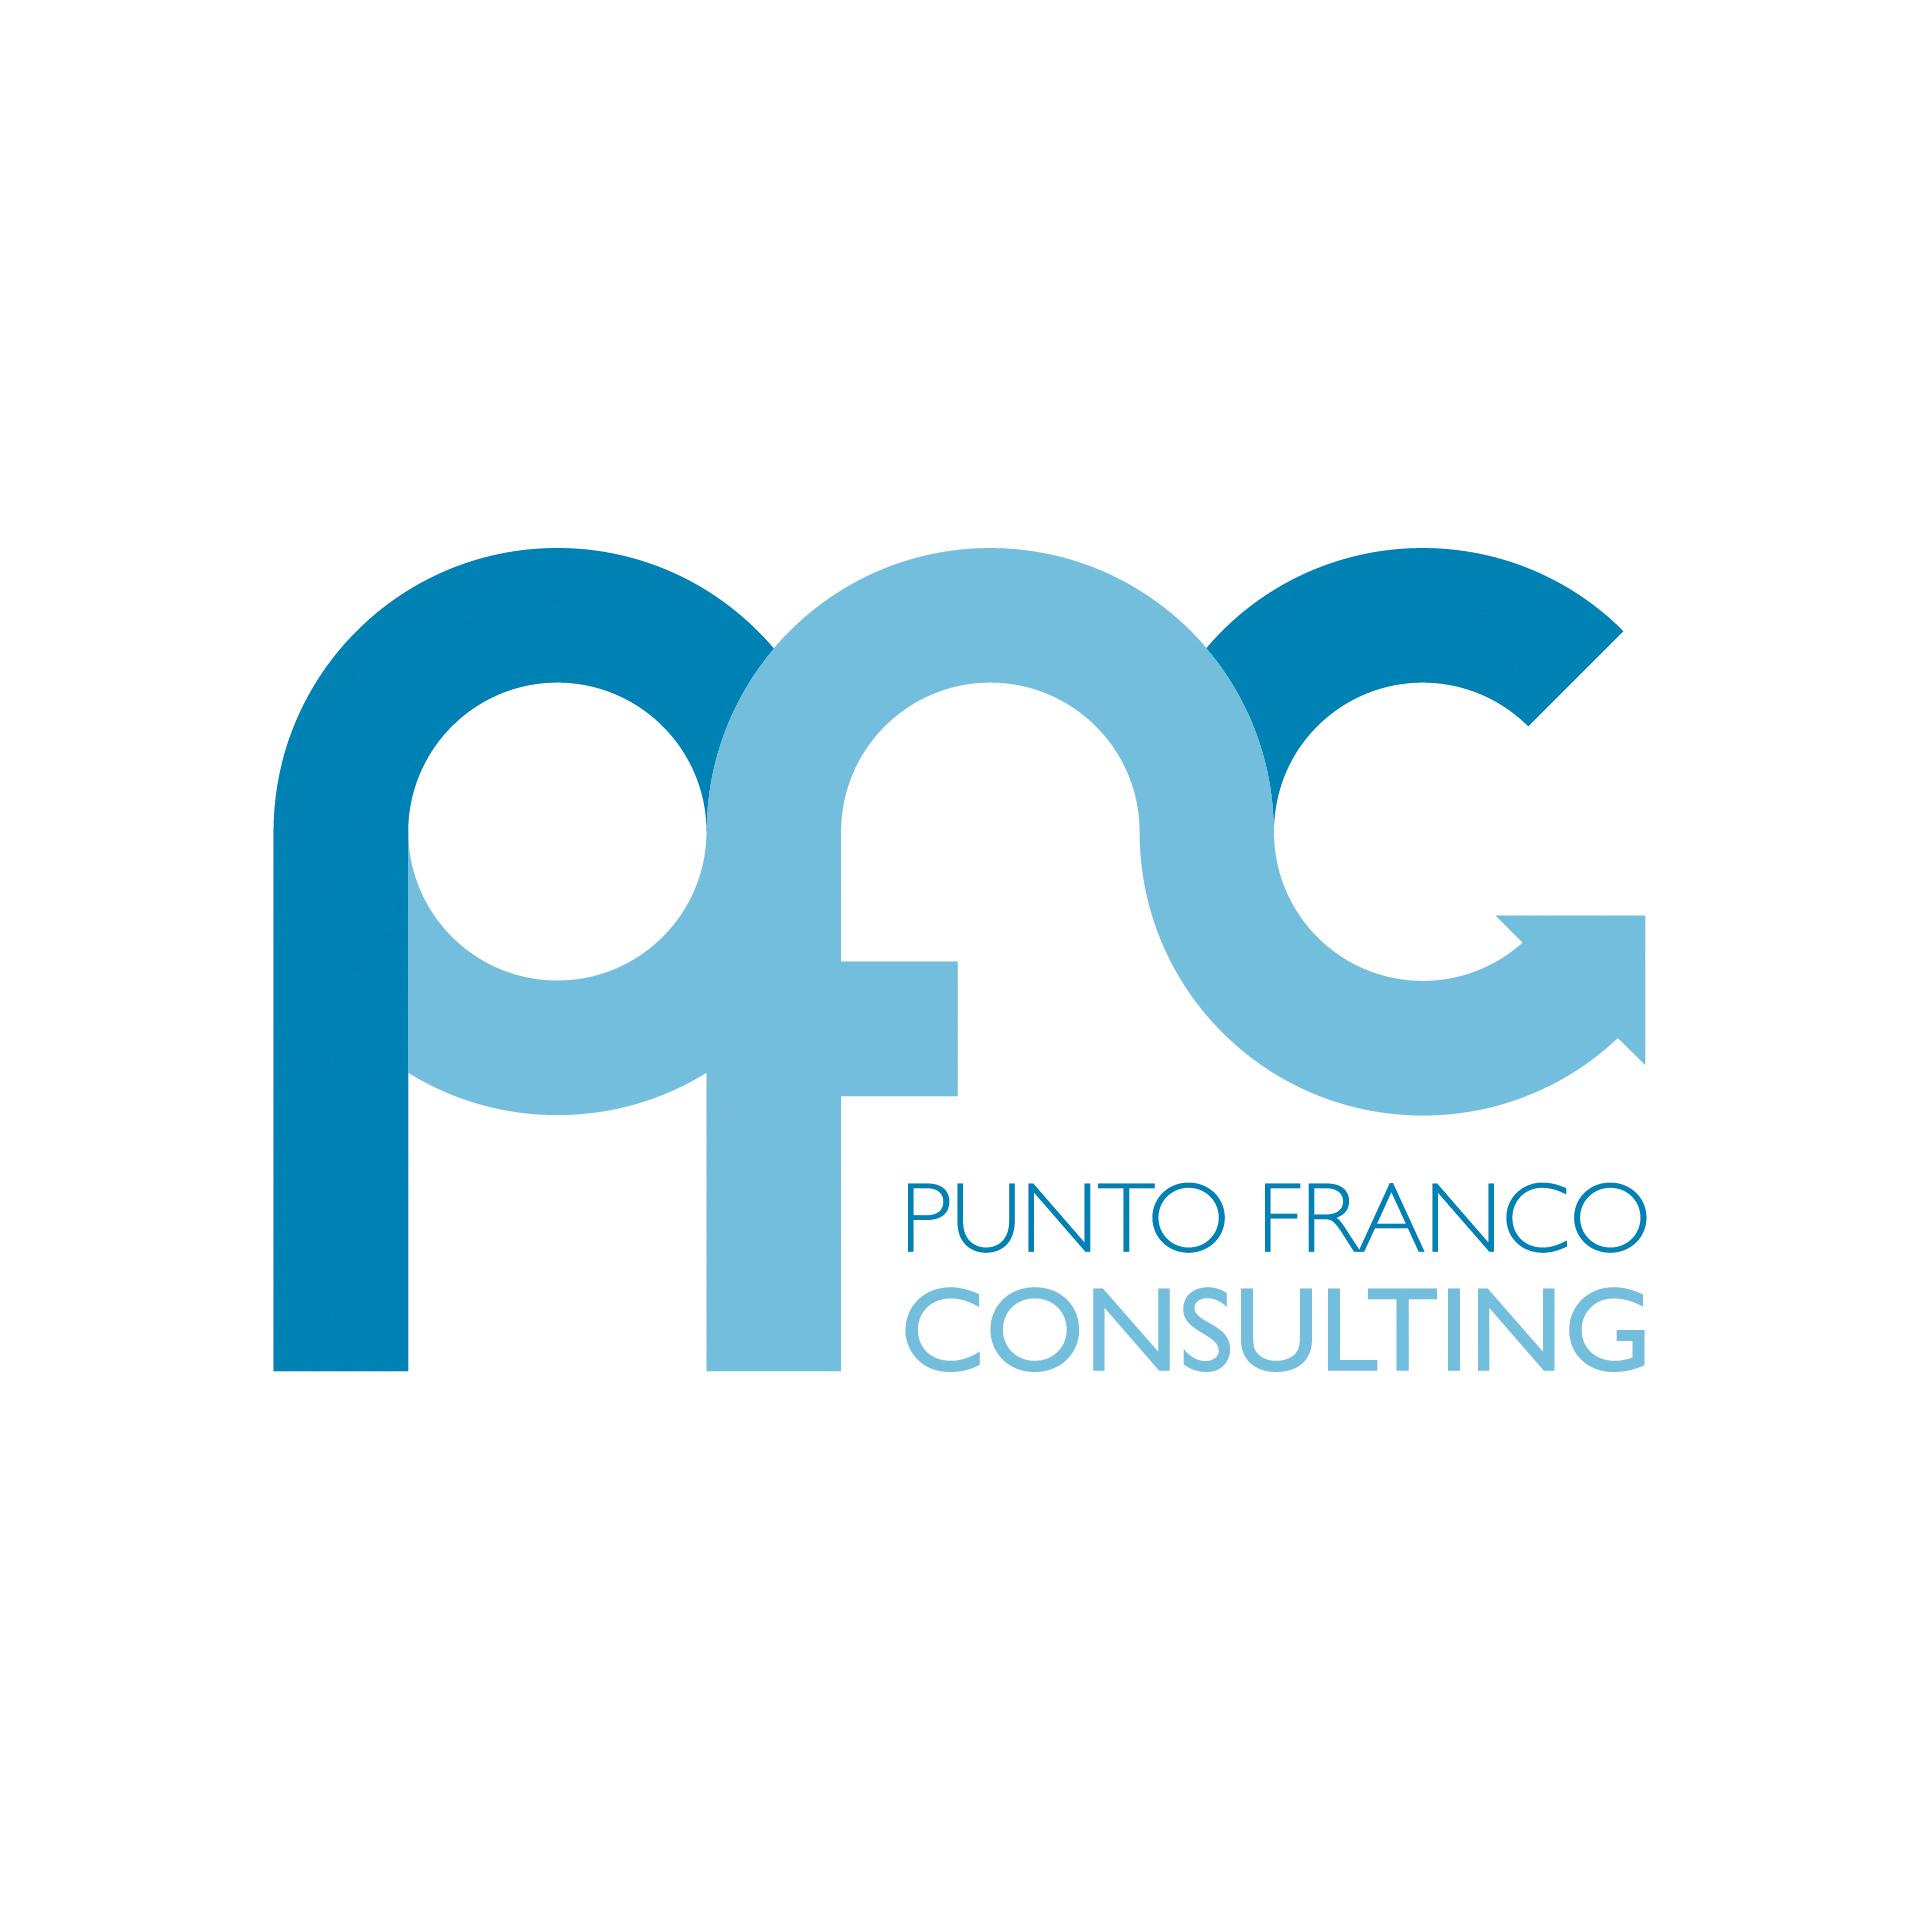 Diseño de Identidad Visual y Logotipo para la marca Punto Franco Consulting